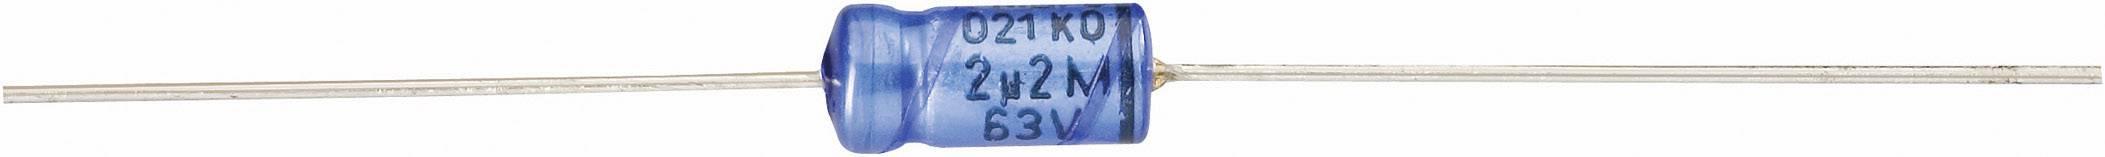 Elektrolytický kondenzátor Vishay 2222 021 38229, axiálne vývody, 22 µF, 63 V, 20 %, 1 ks